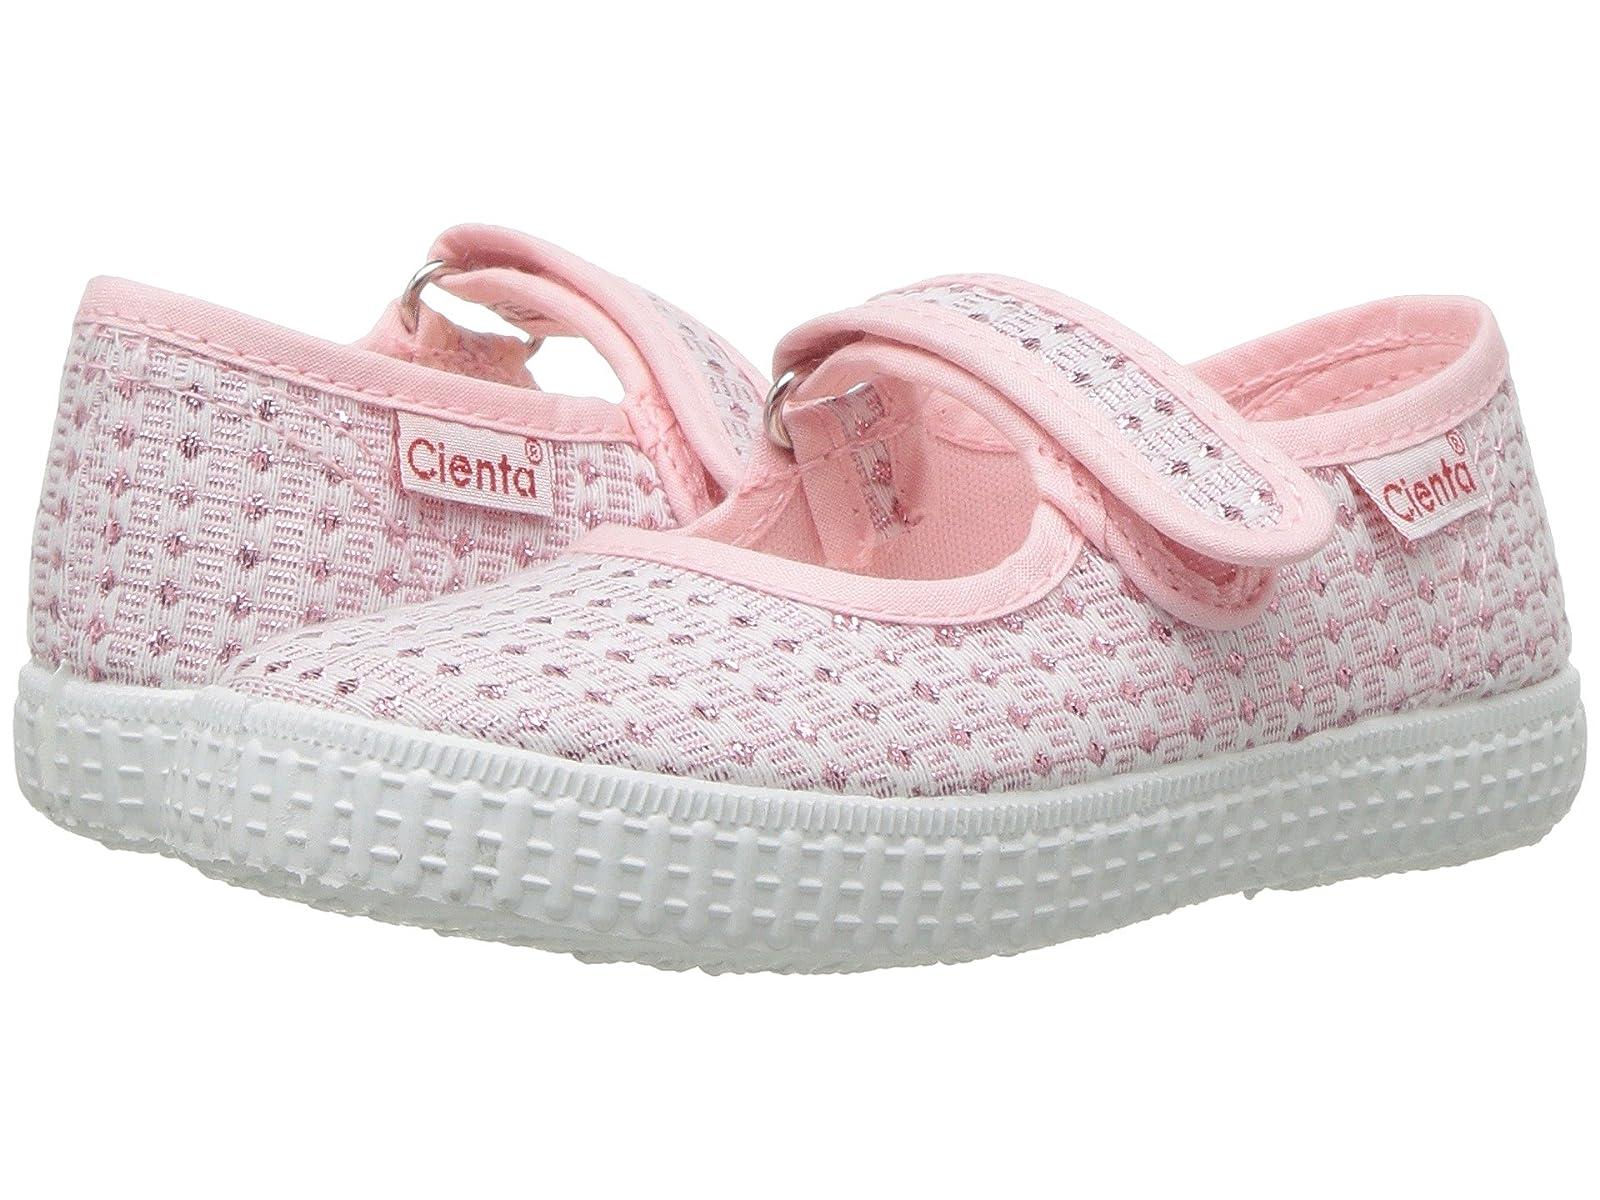 Cienta Kids Shoes 56022 (Infant/Toddler/Little Kid/Big Kid)Atmospheric grades have affordable shoes